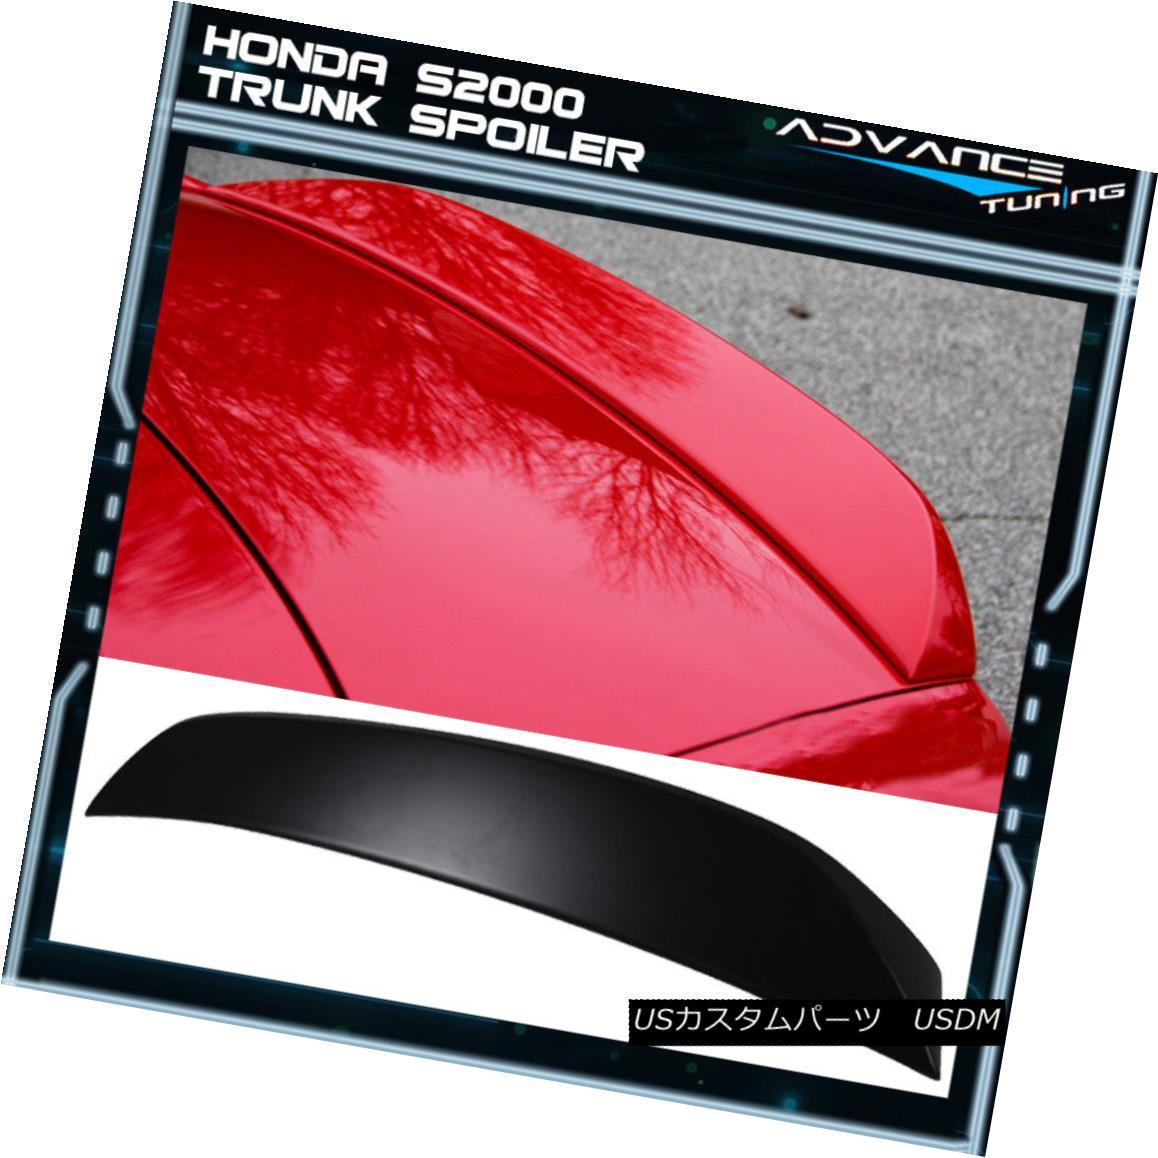 エアロパーツ 00-09 Honda S2000 S2K Convertible OE Unpainted ABS Rear Trunk Spoiler AP1 AP2 00-09ホンダS2000 S2KコンバーチブルOE未塗装ABSリアトランク・スポイラーAP1 AP2